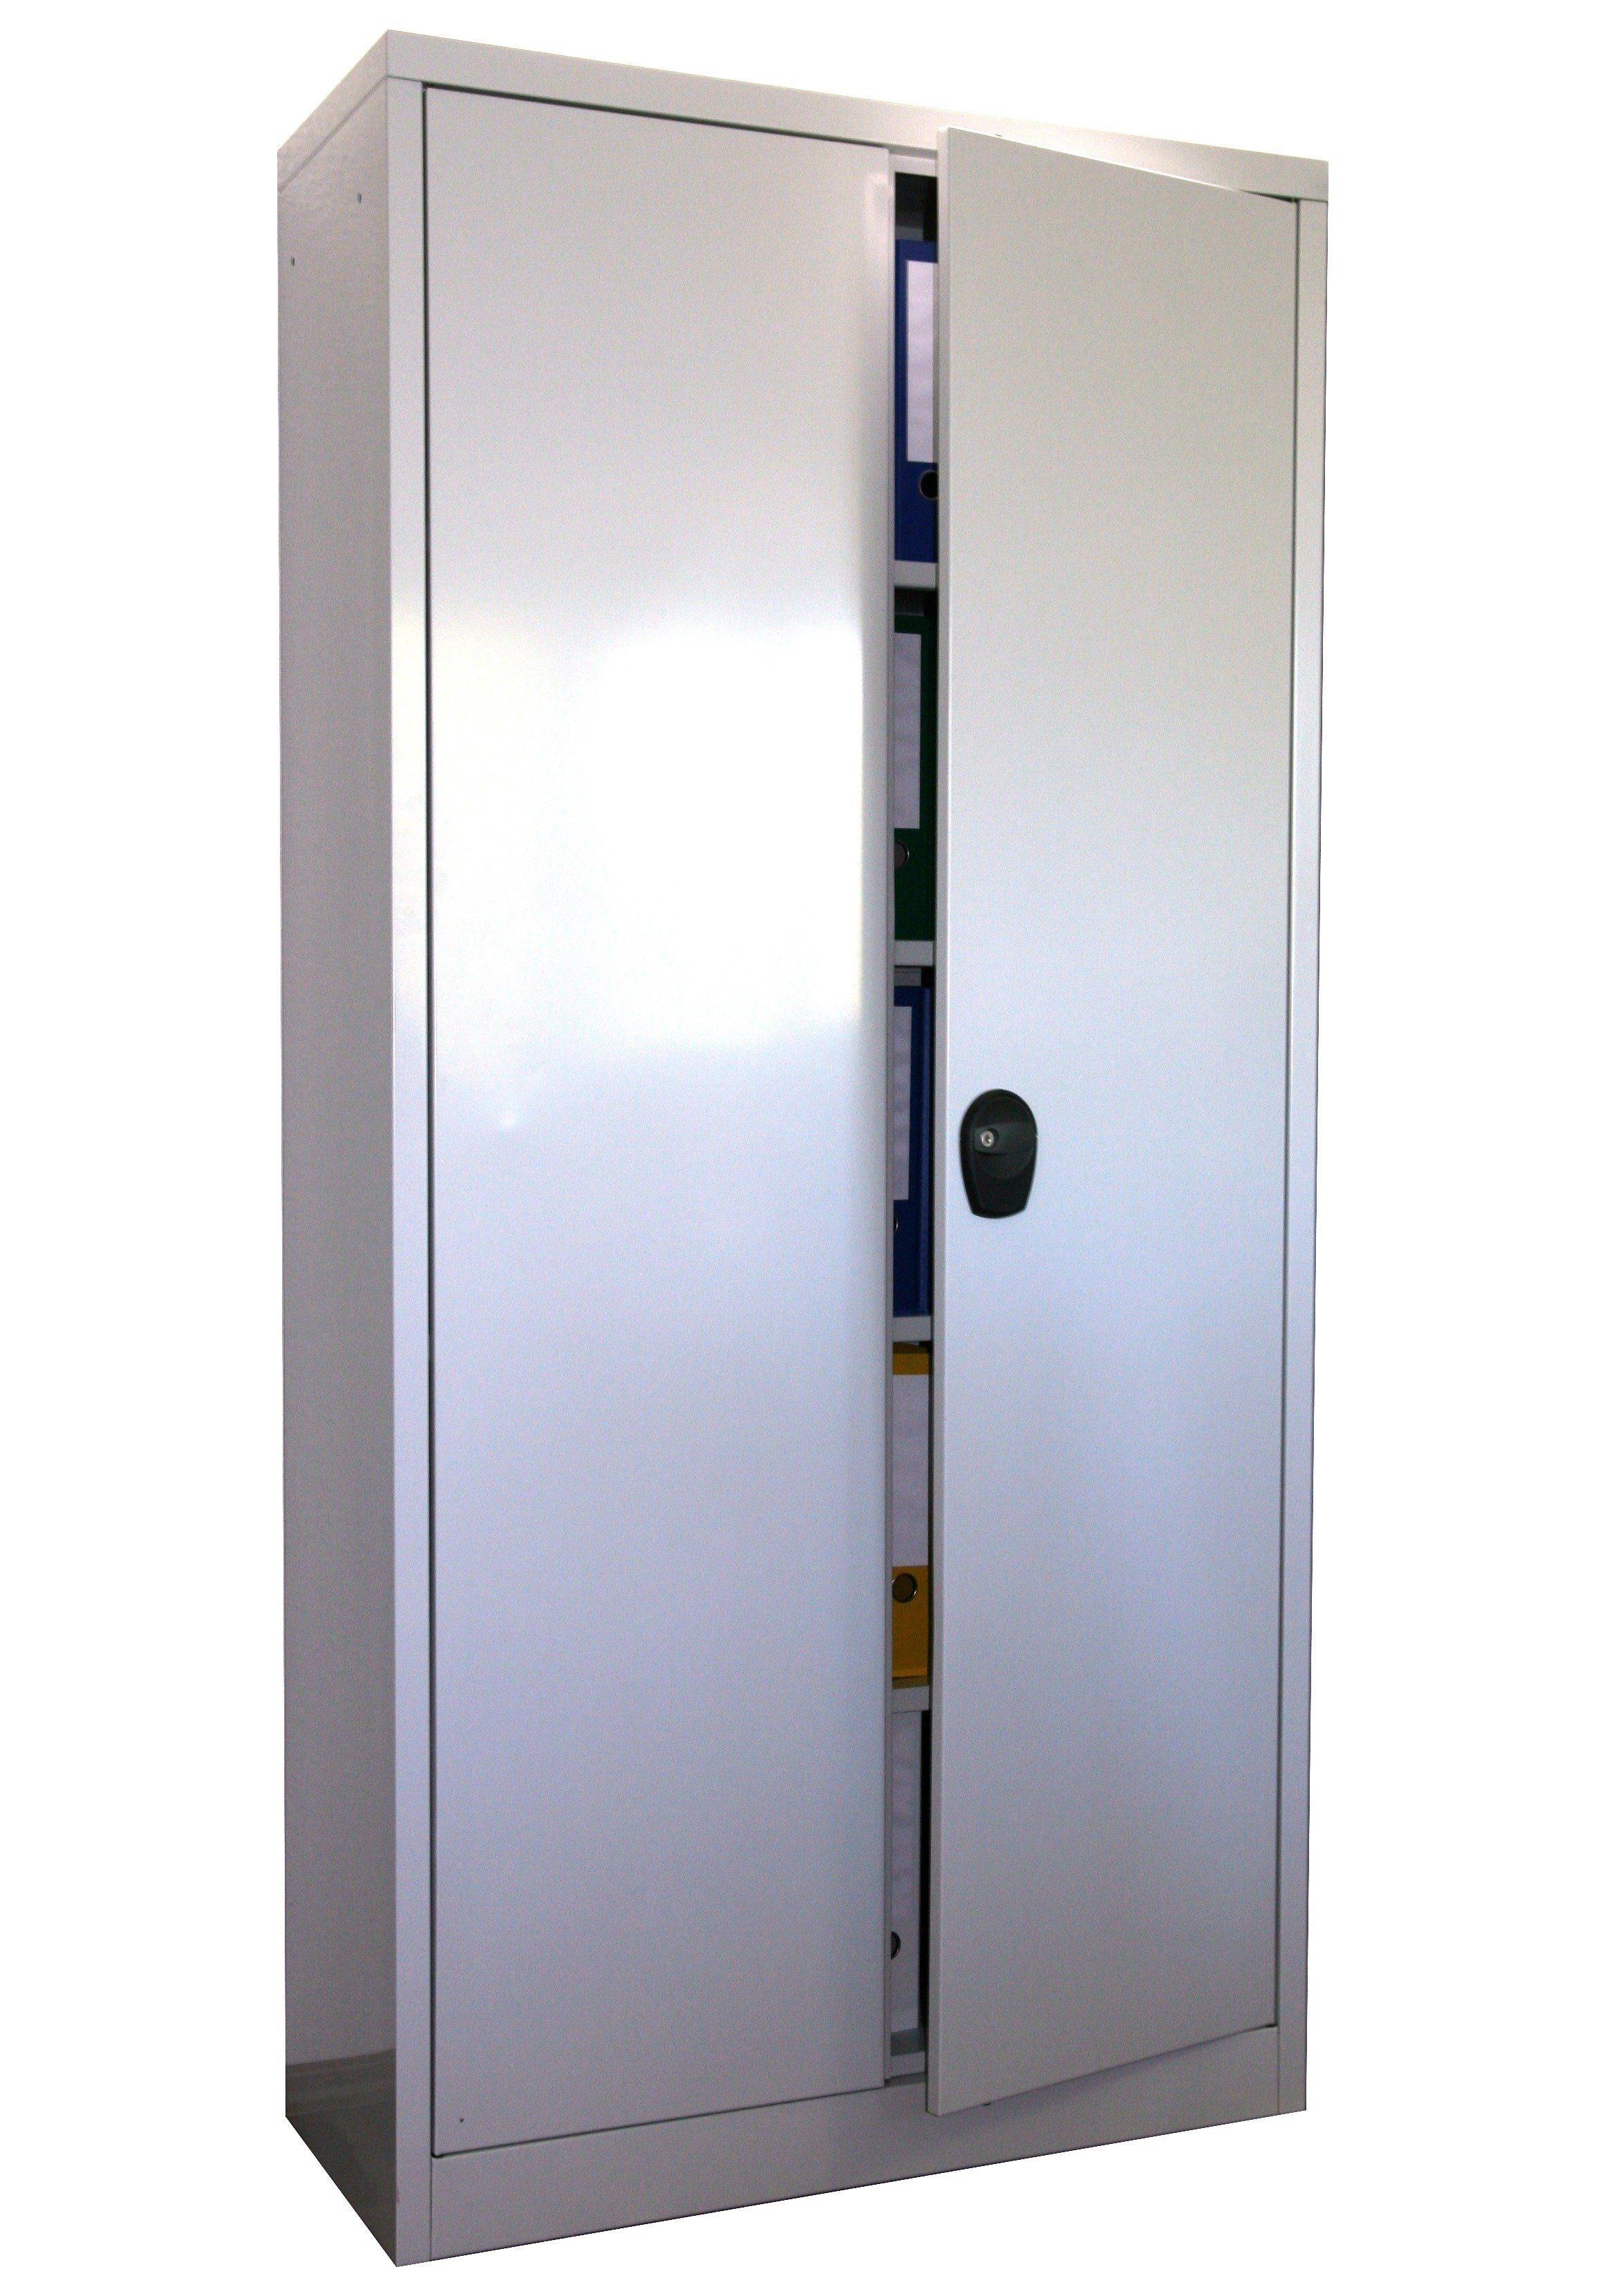 SZ METALL Stahlschrank »Grau«, (H/B/T): 180x80x40 cm